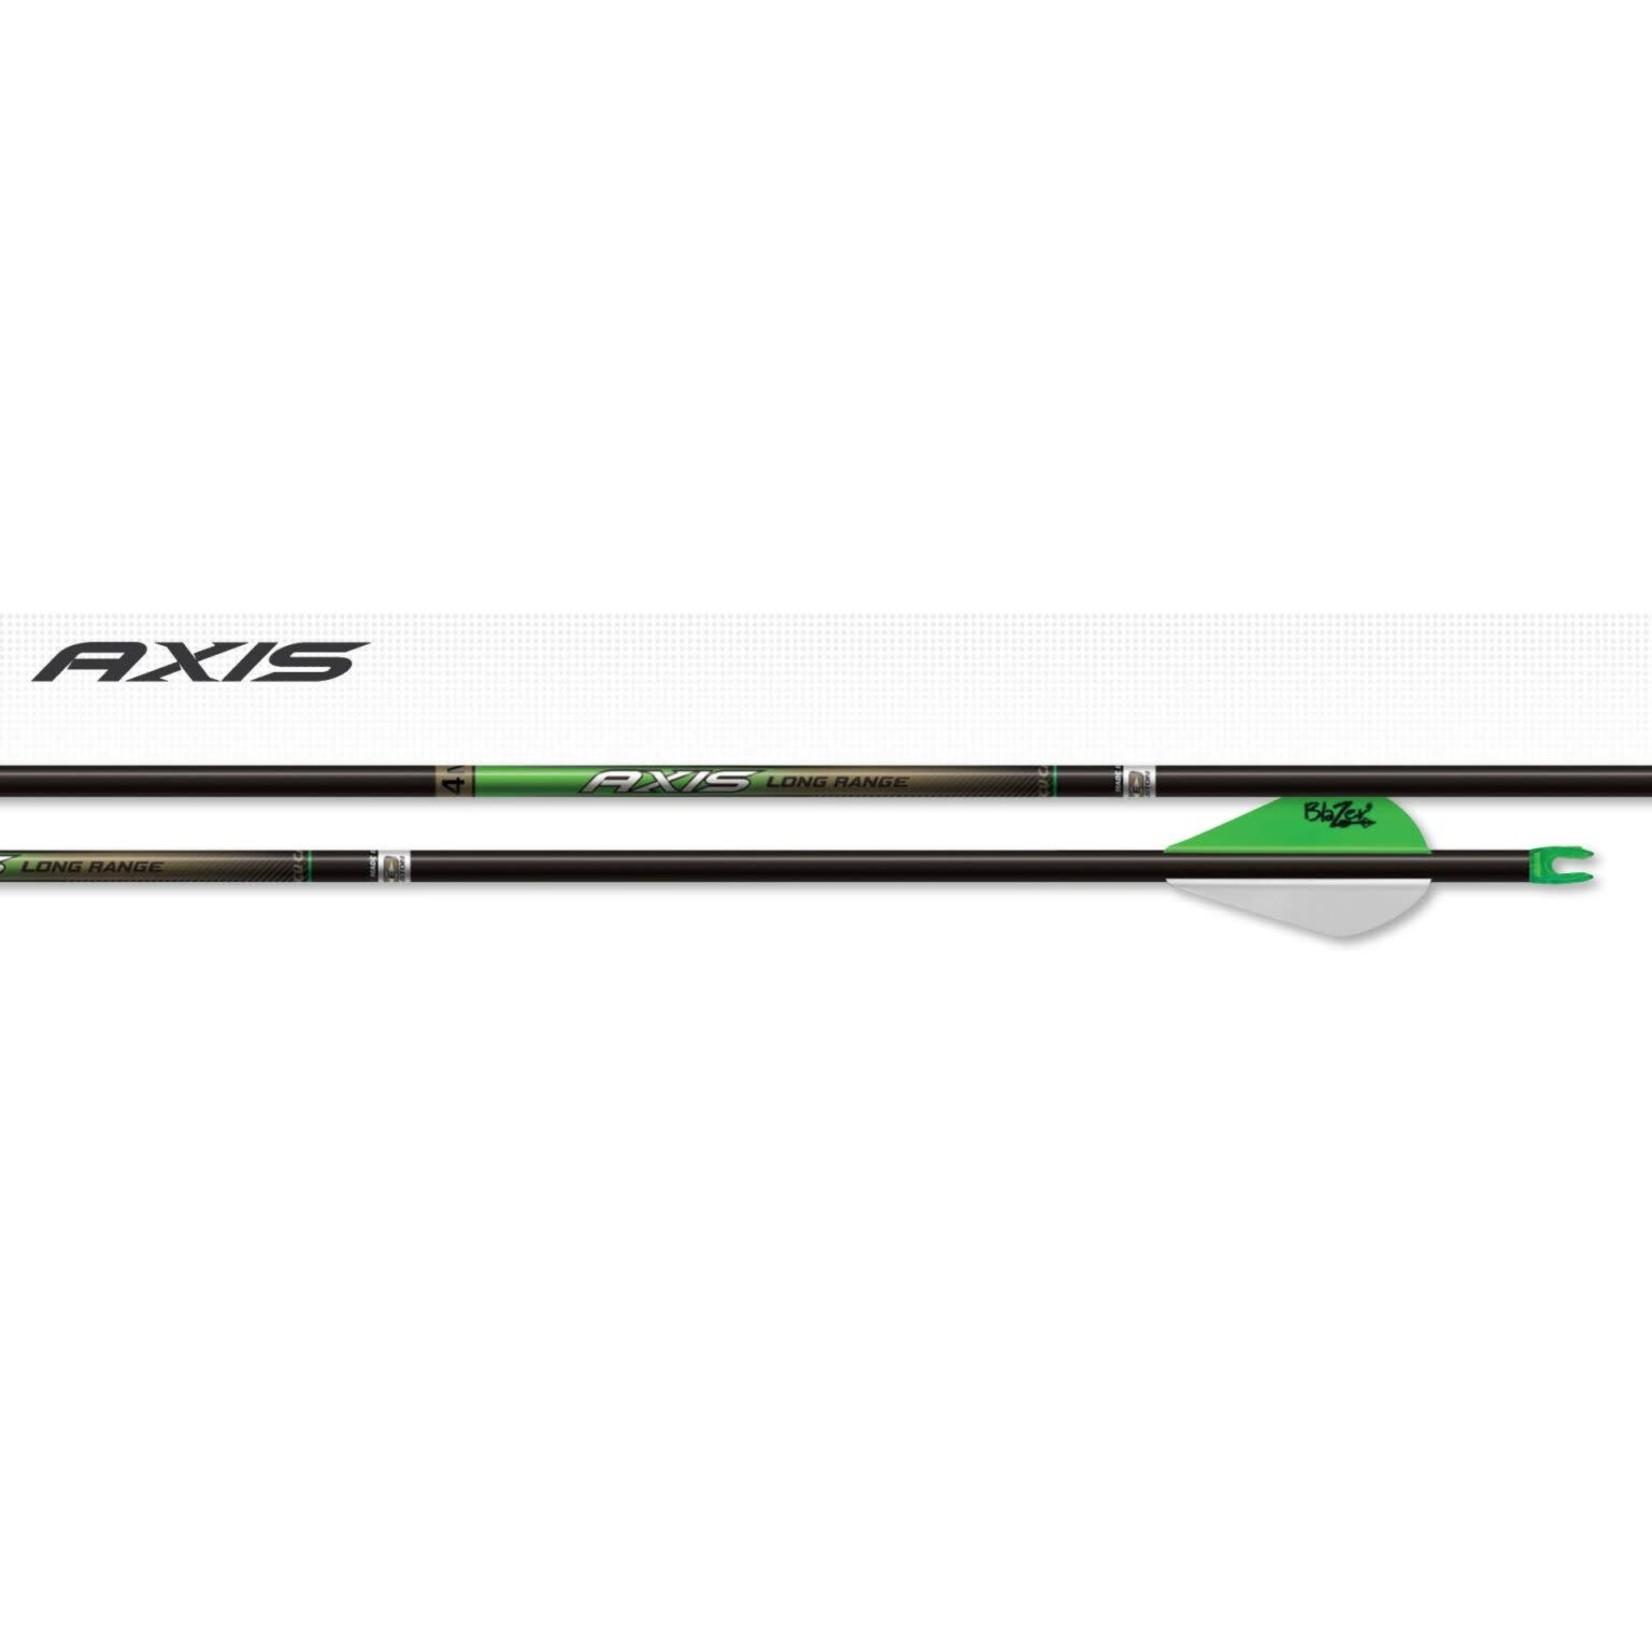 Easton Easton Axis Long Range 4mm Arrows 400 (1/2 doz)